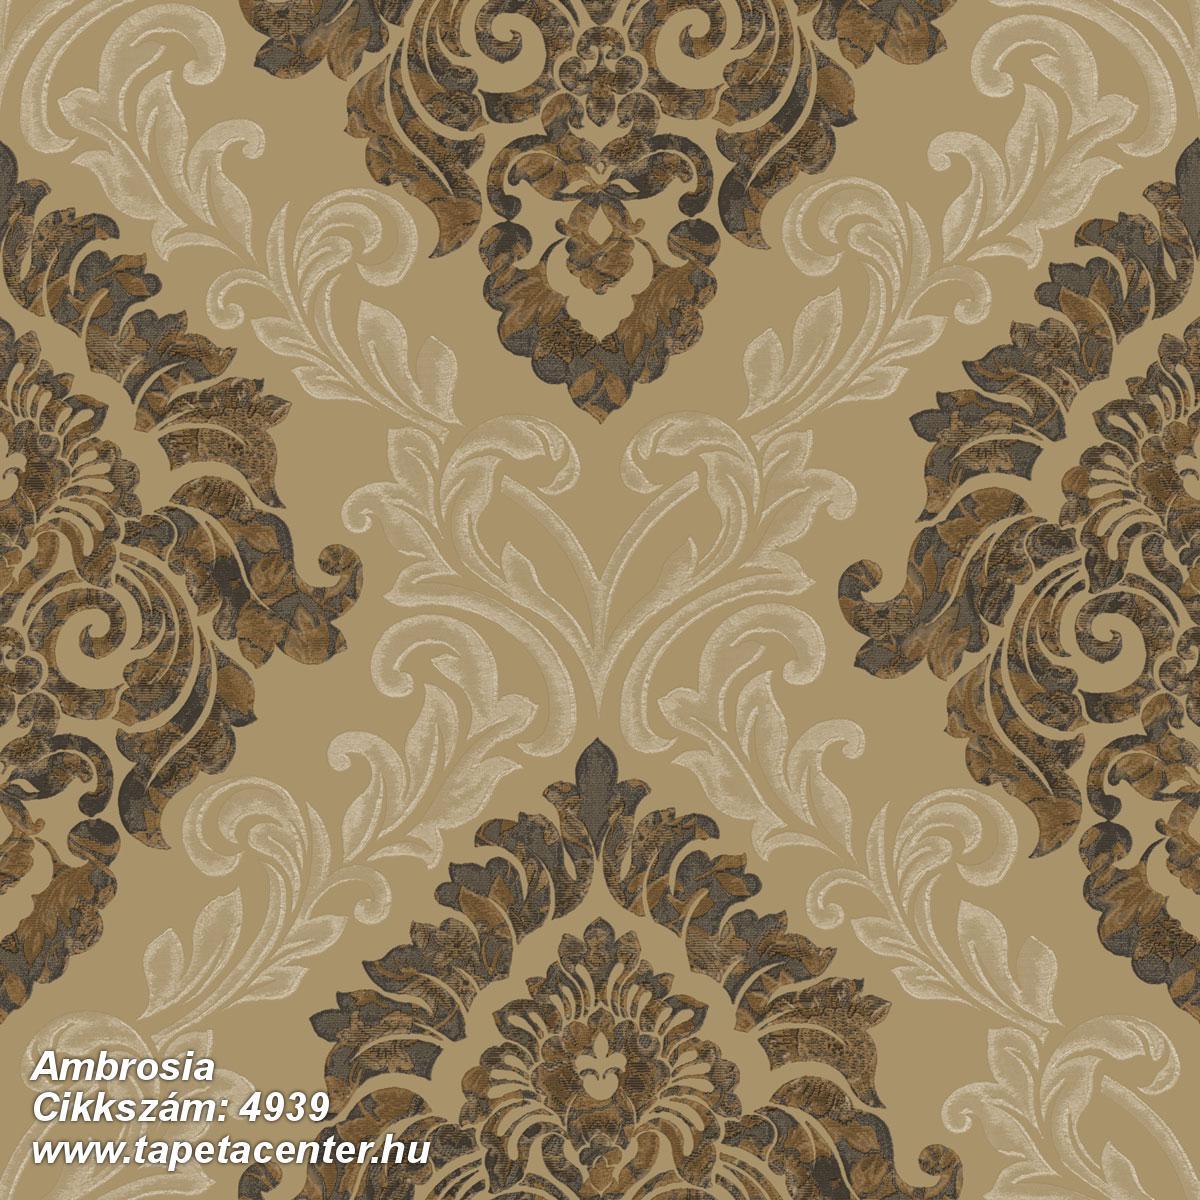 Ambrosia - 4939 Olasz tapéta